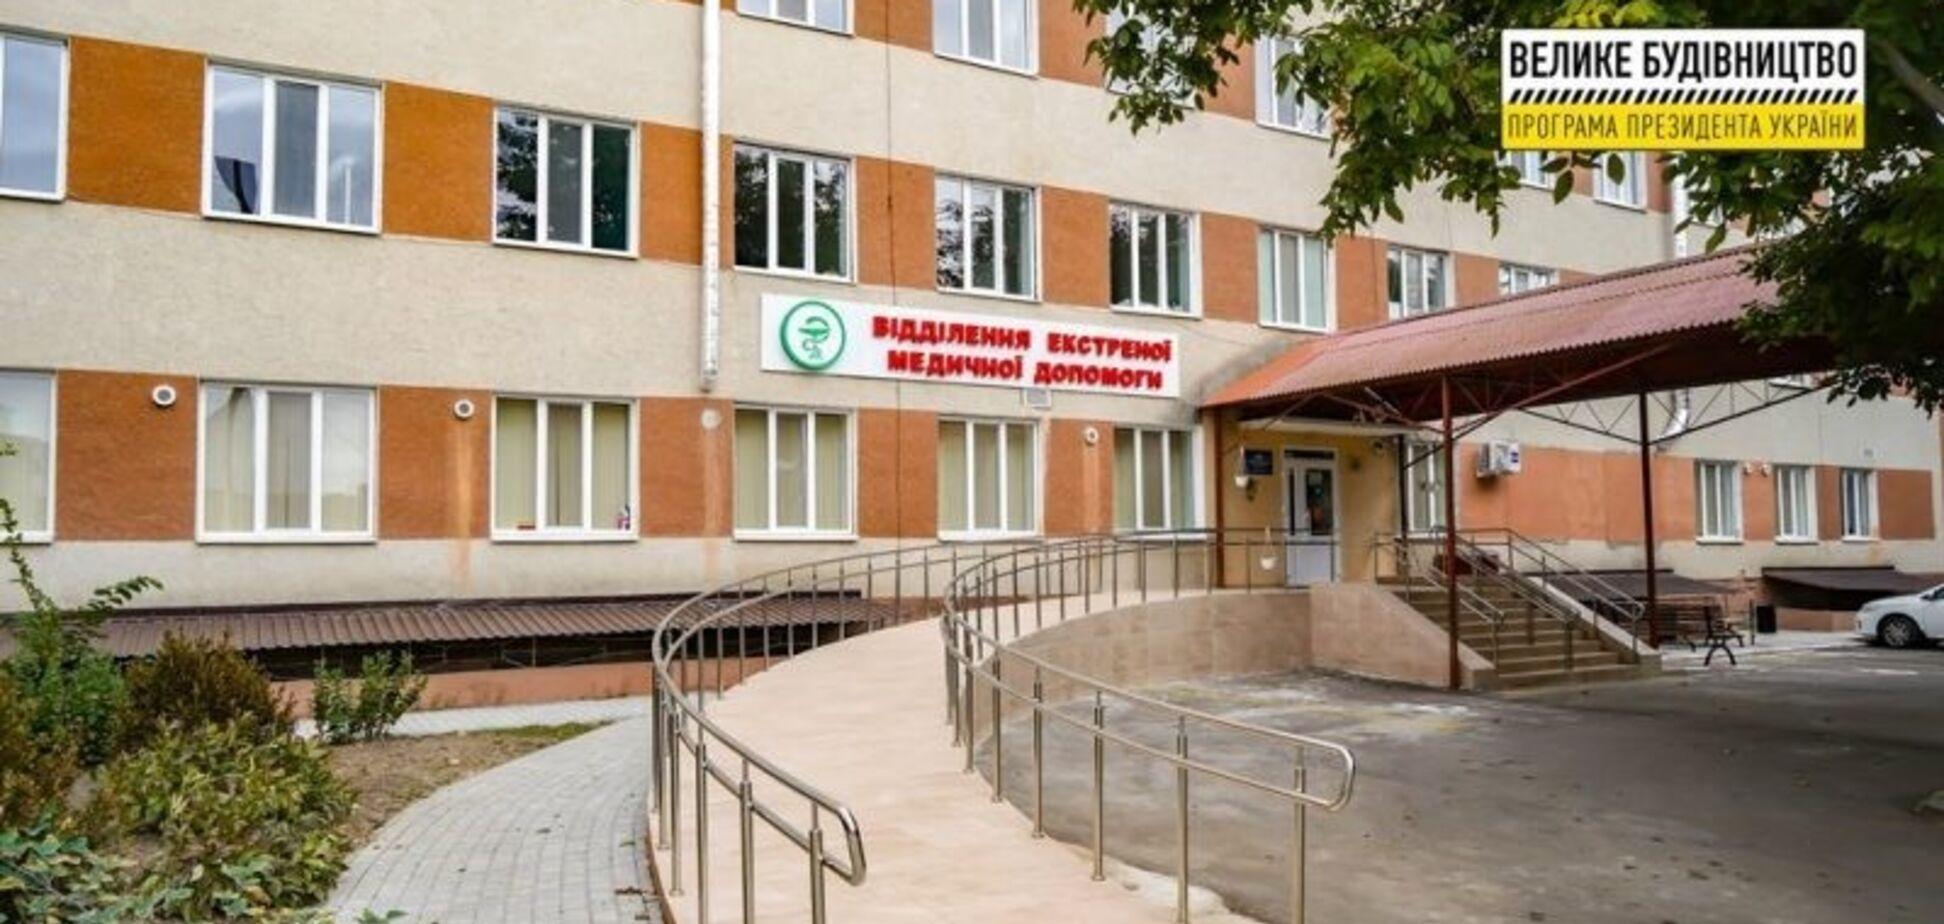 В Березовке обновили приемное отделение в центральной районной больнице